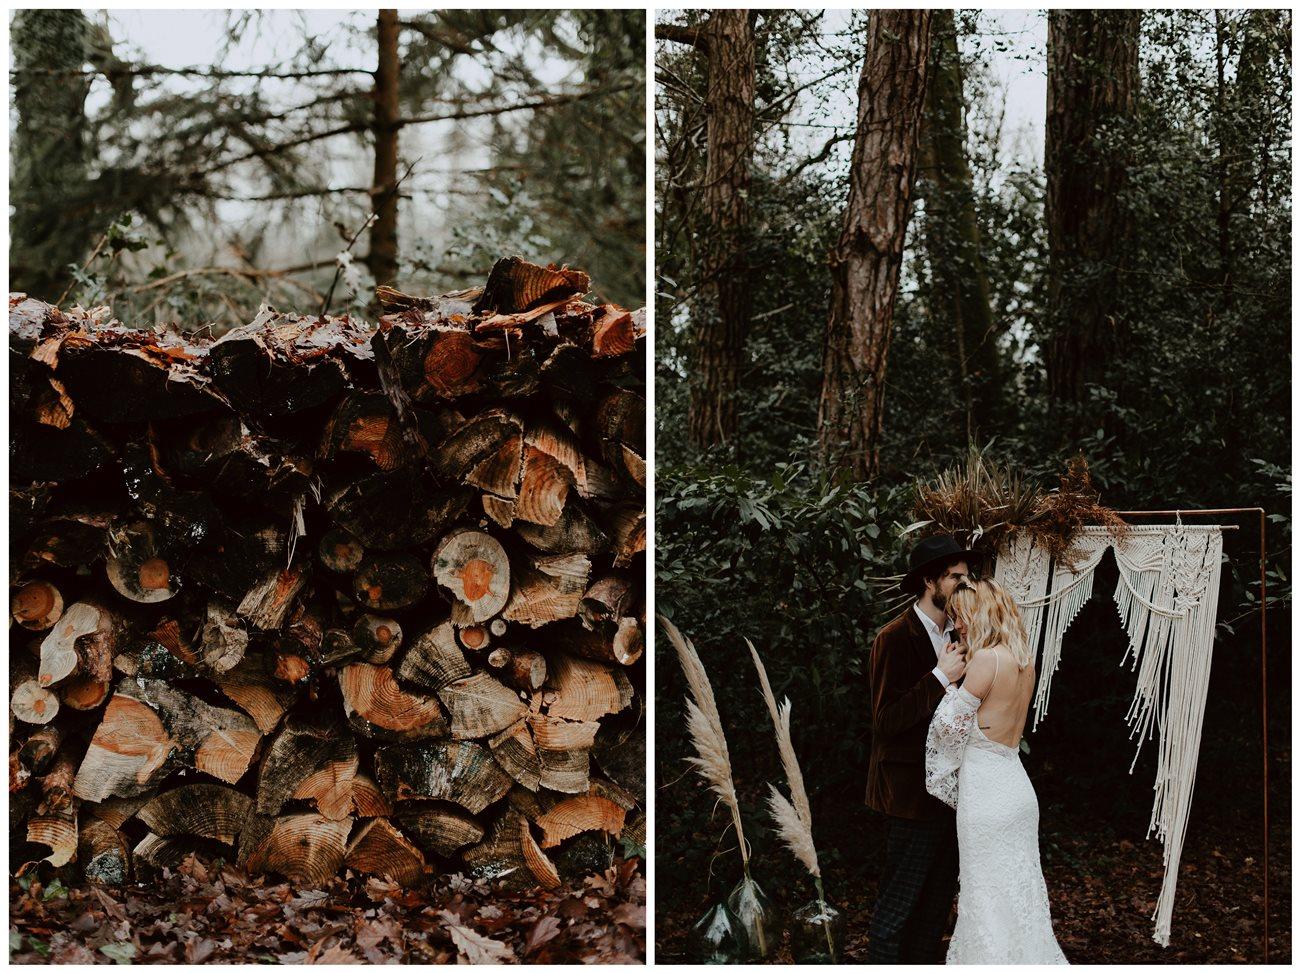 mariage bohème cérémonie laïque forêt détails troncs d'arbres